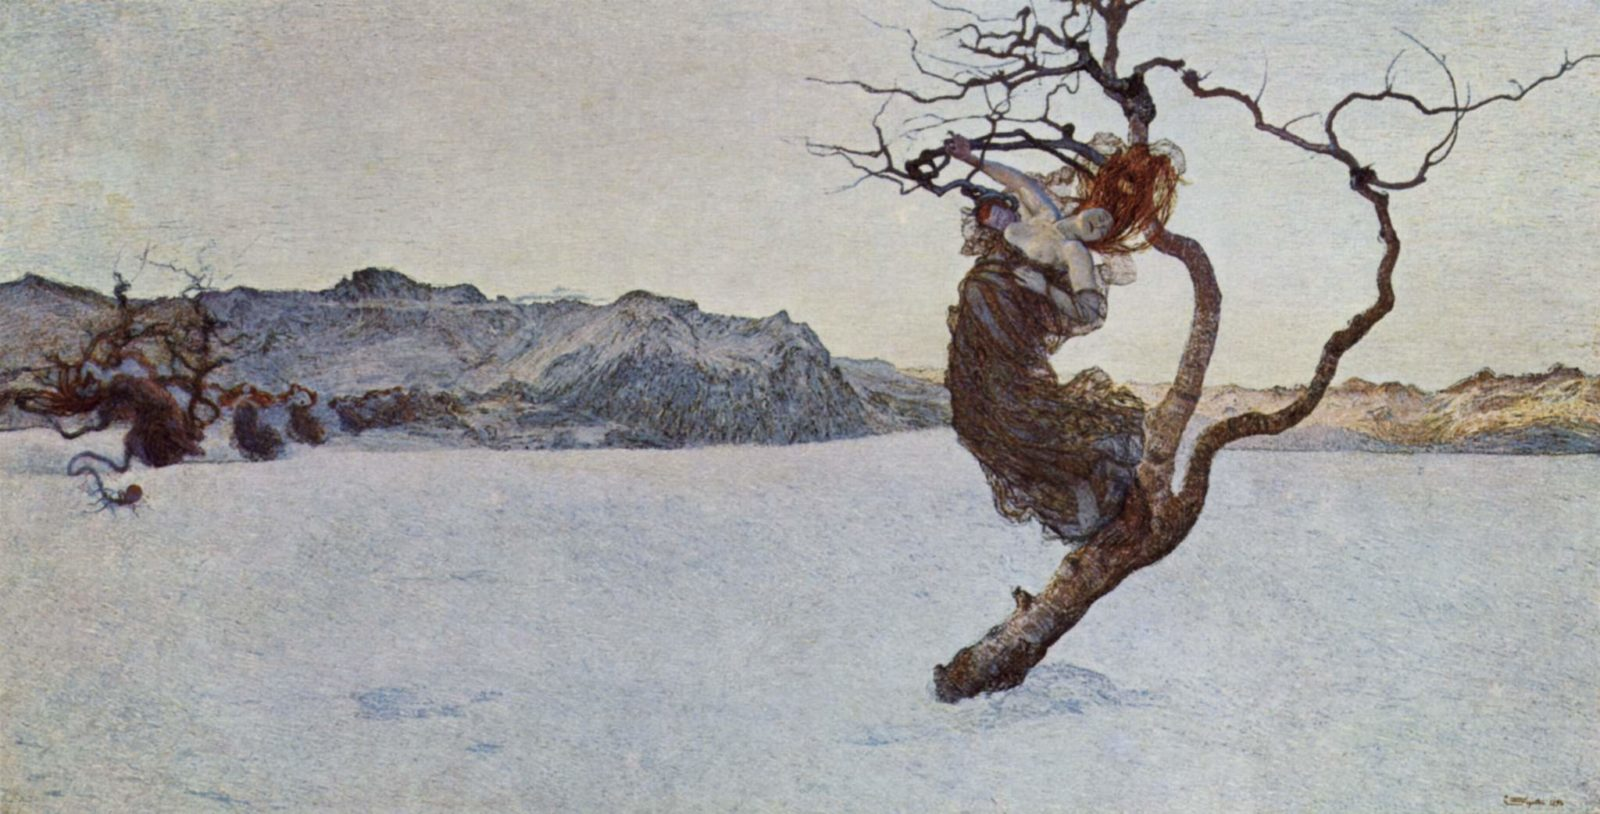 Symbolism in victorian art dailyartmagazine art history symbolism symbolism in victorian art biocorpaavc Images